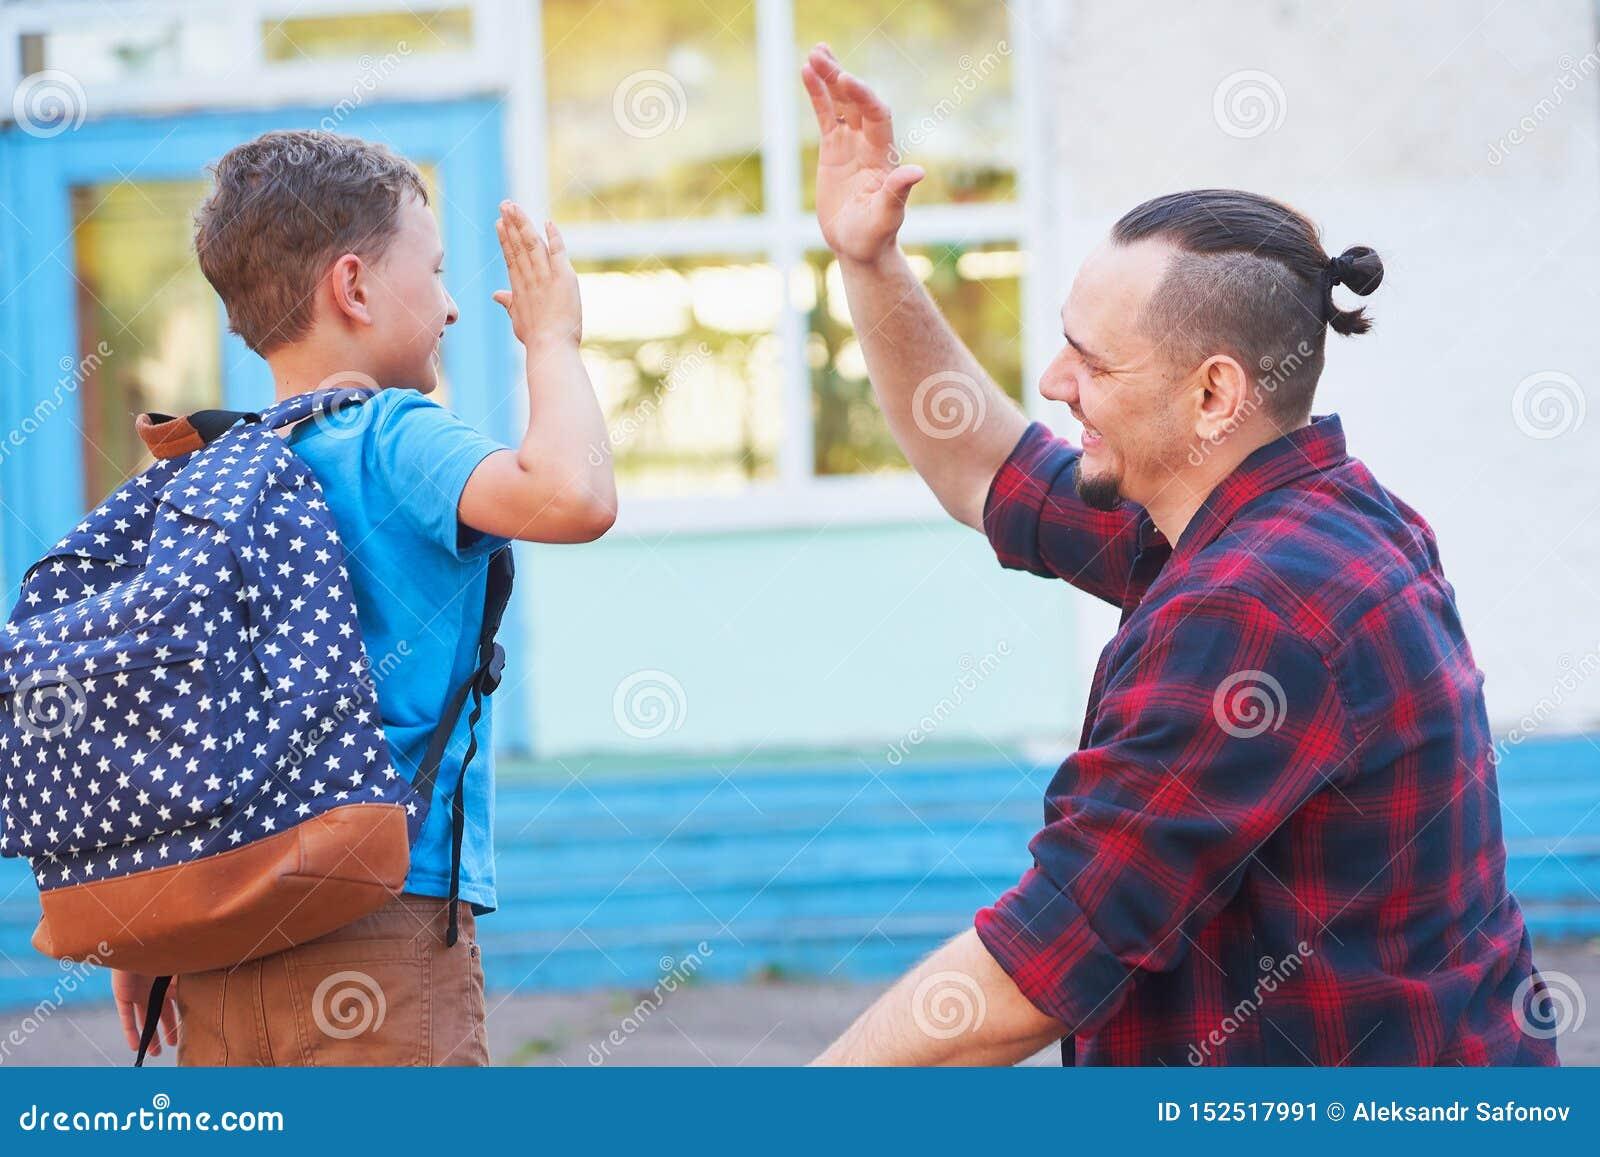 Tylna szko?y Szczęśliwy ojciec i syn jesteśmy mile widziany przed szkołą podstawową rodzic spotyka dziecka od szkoły podstawowej